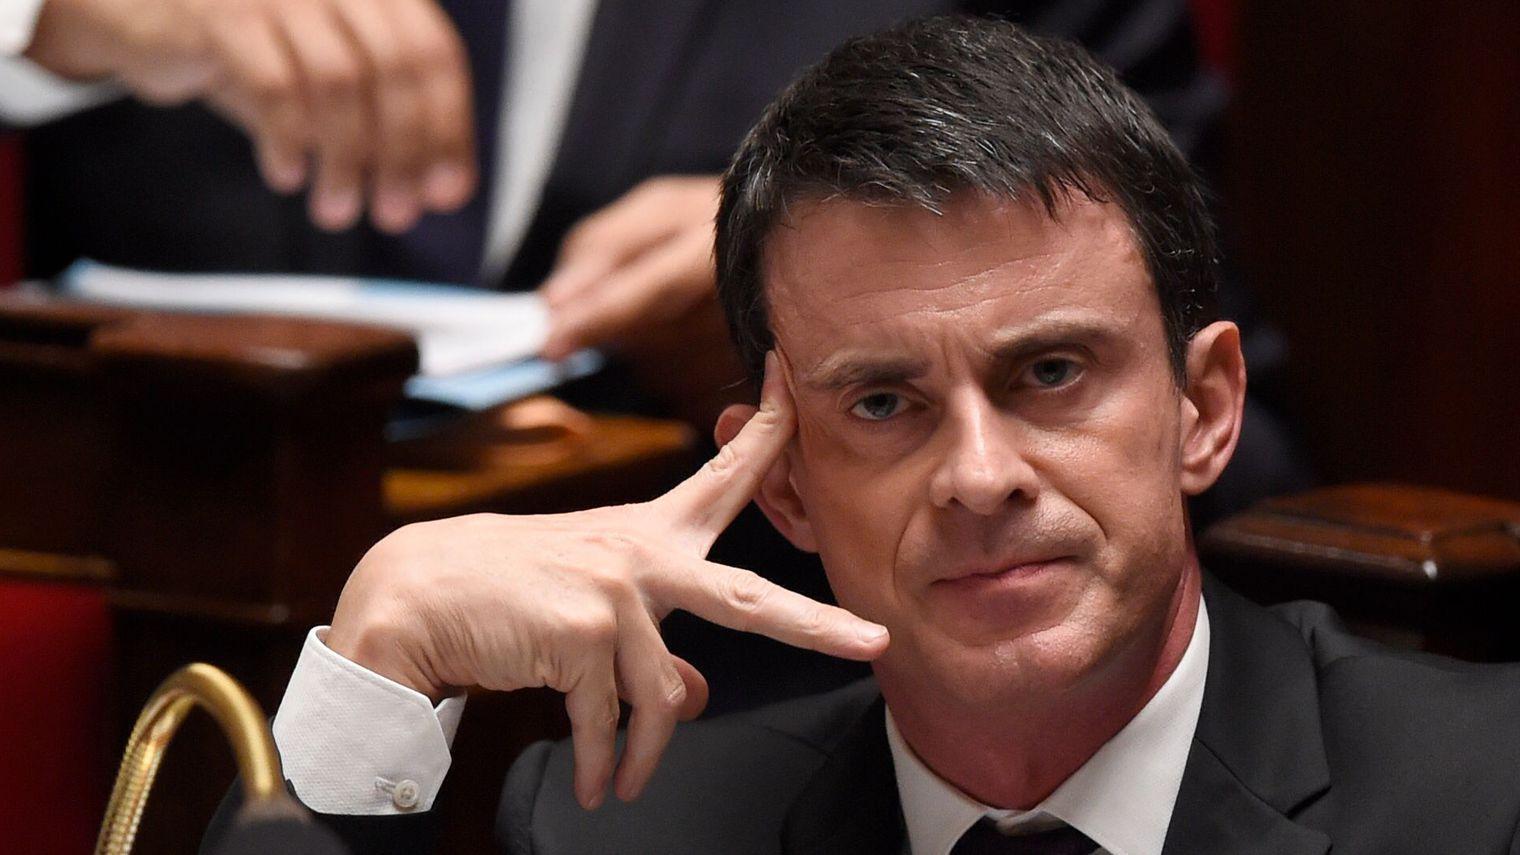 FRANCE : Le gouvernement veut prolonger l'état d'urgence de deux mois